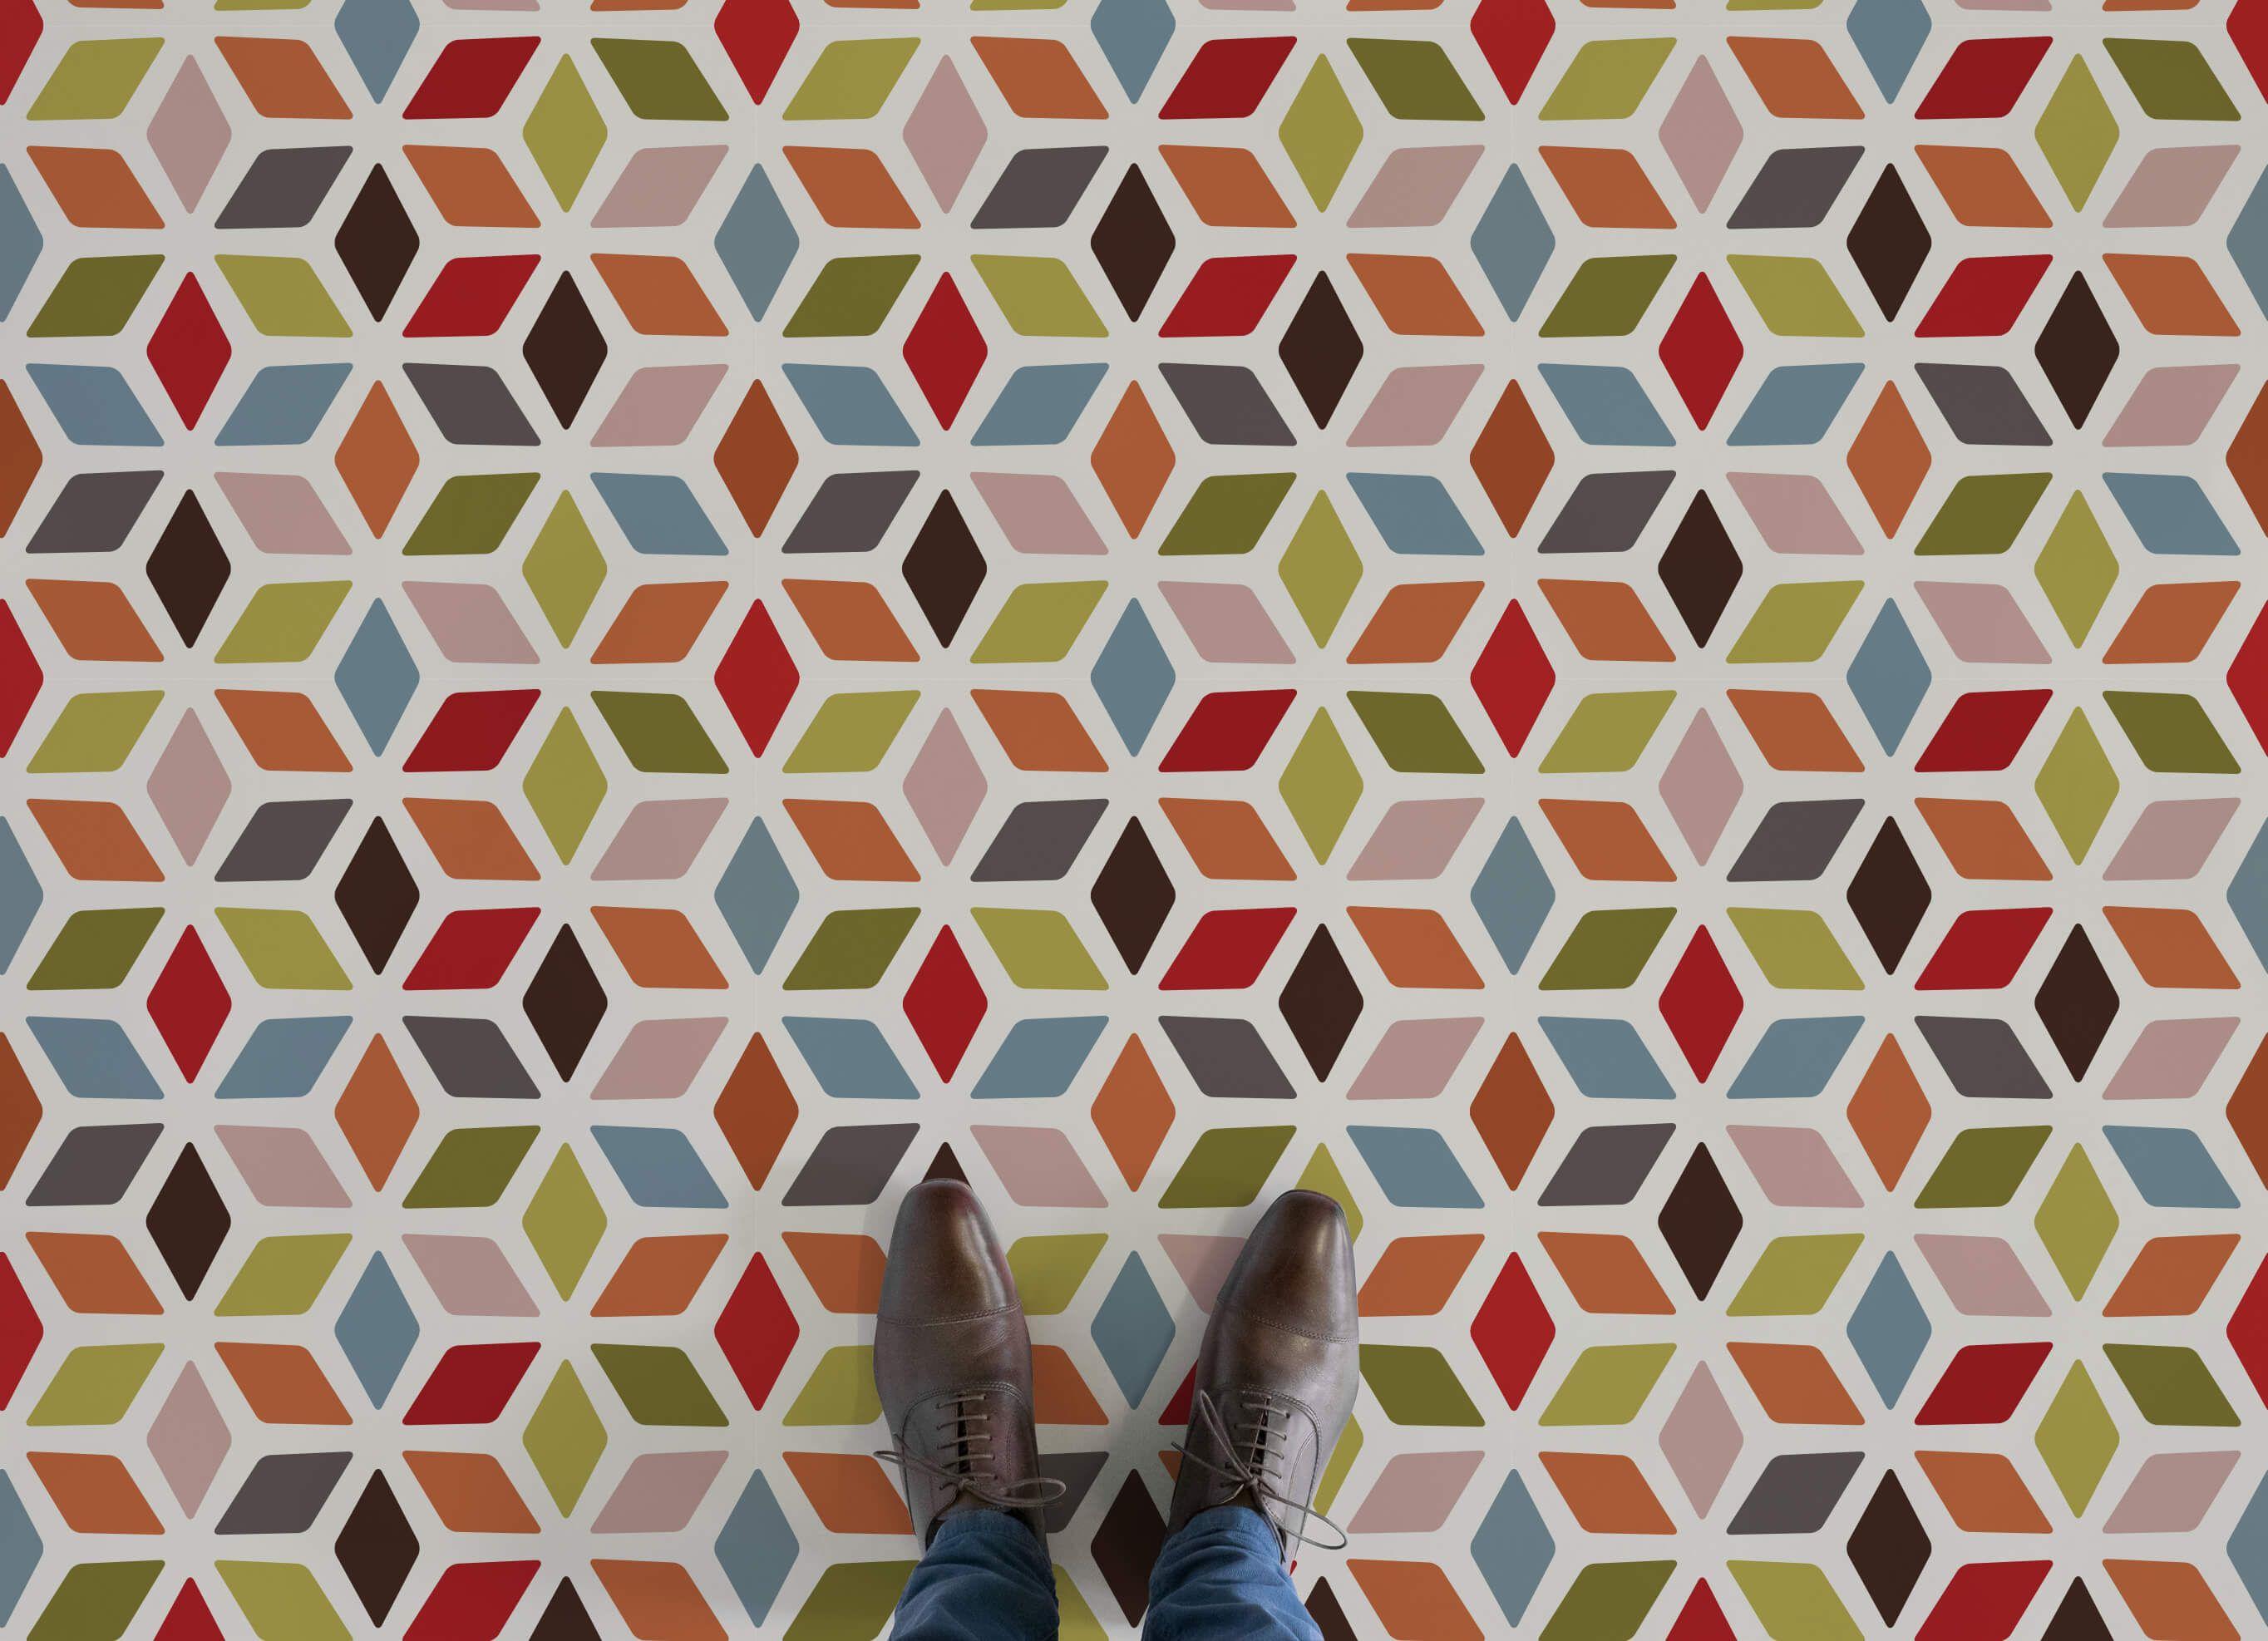 Colourful Retro Vinyl Flooring